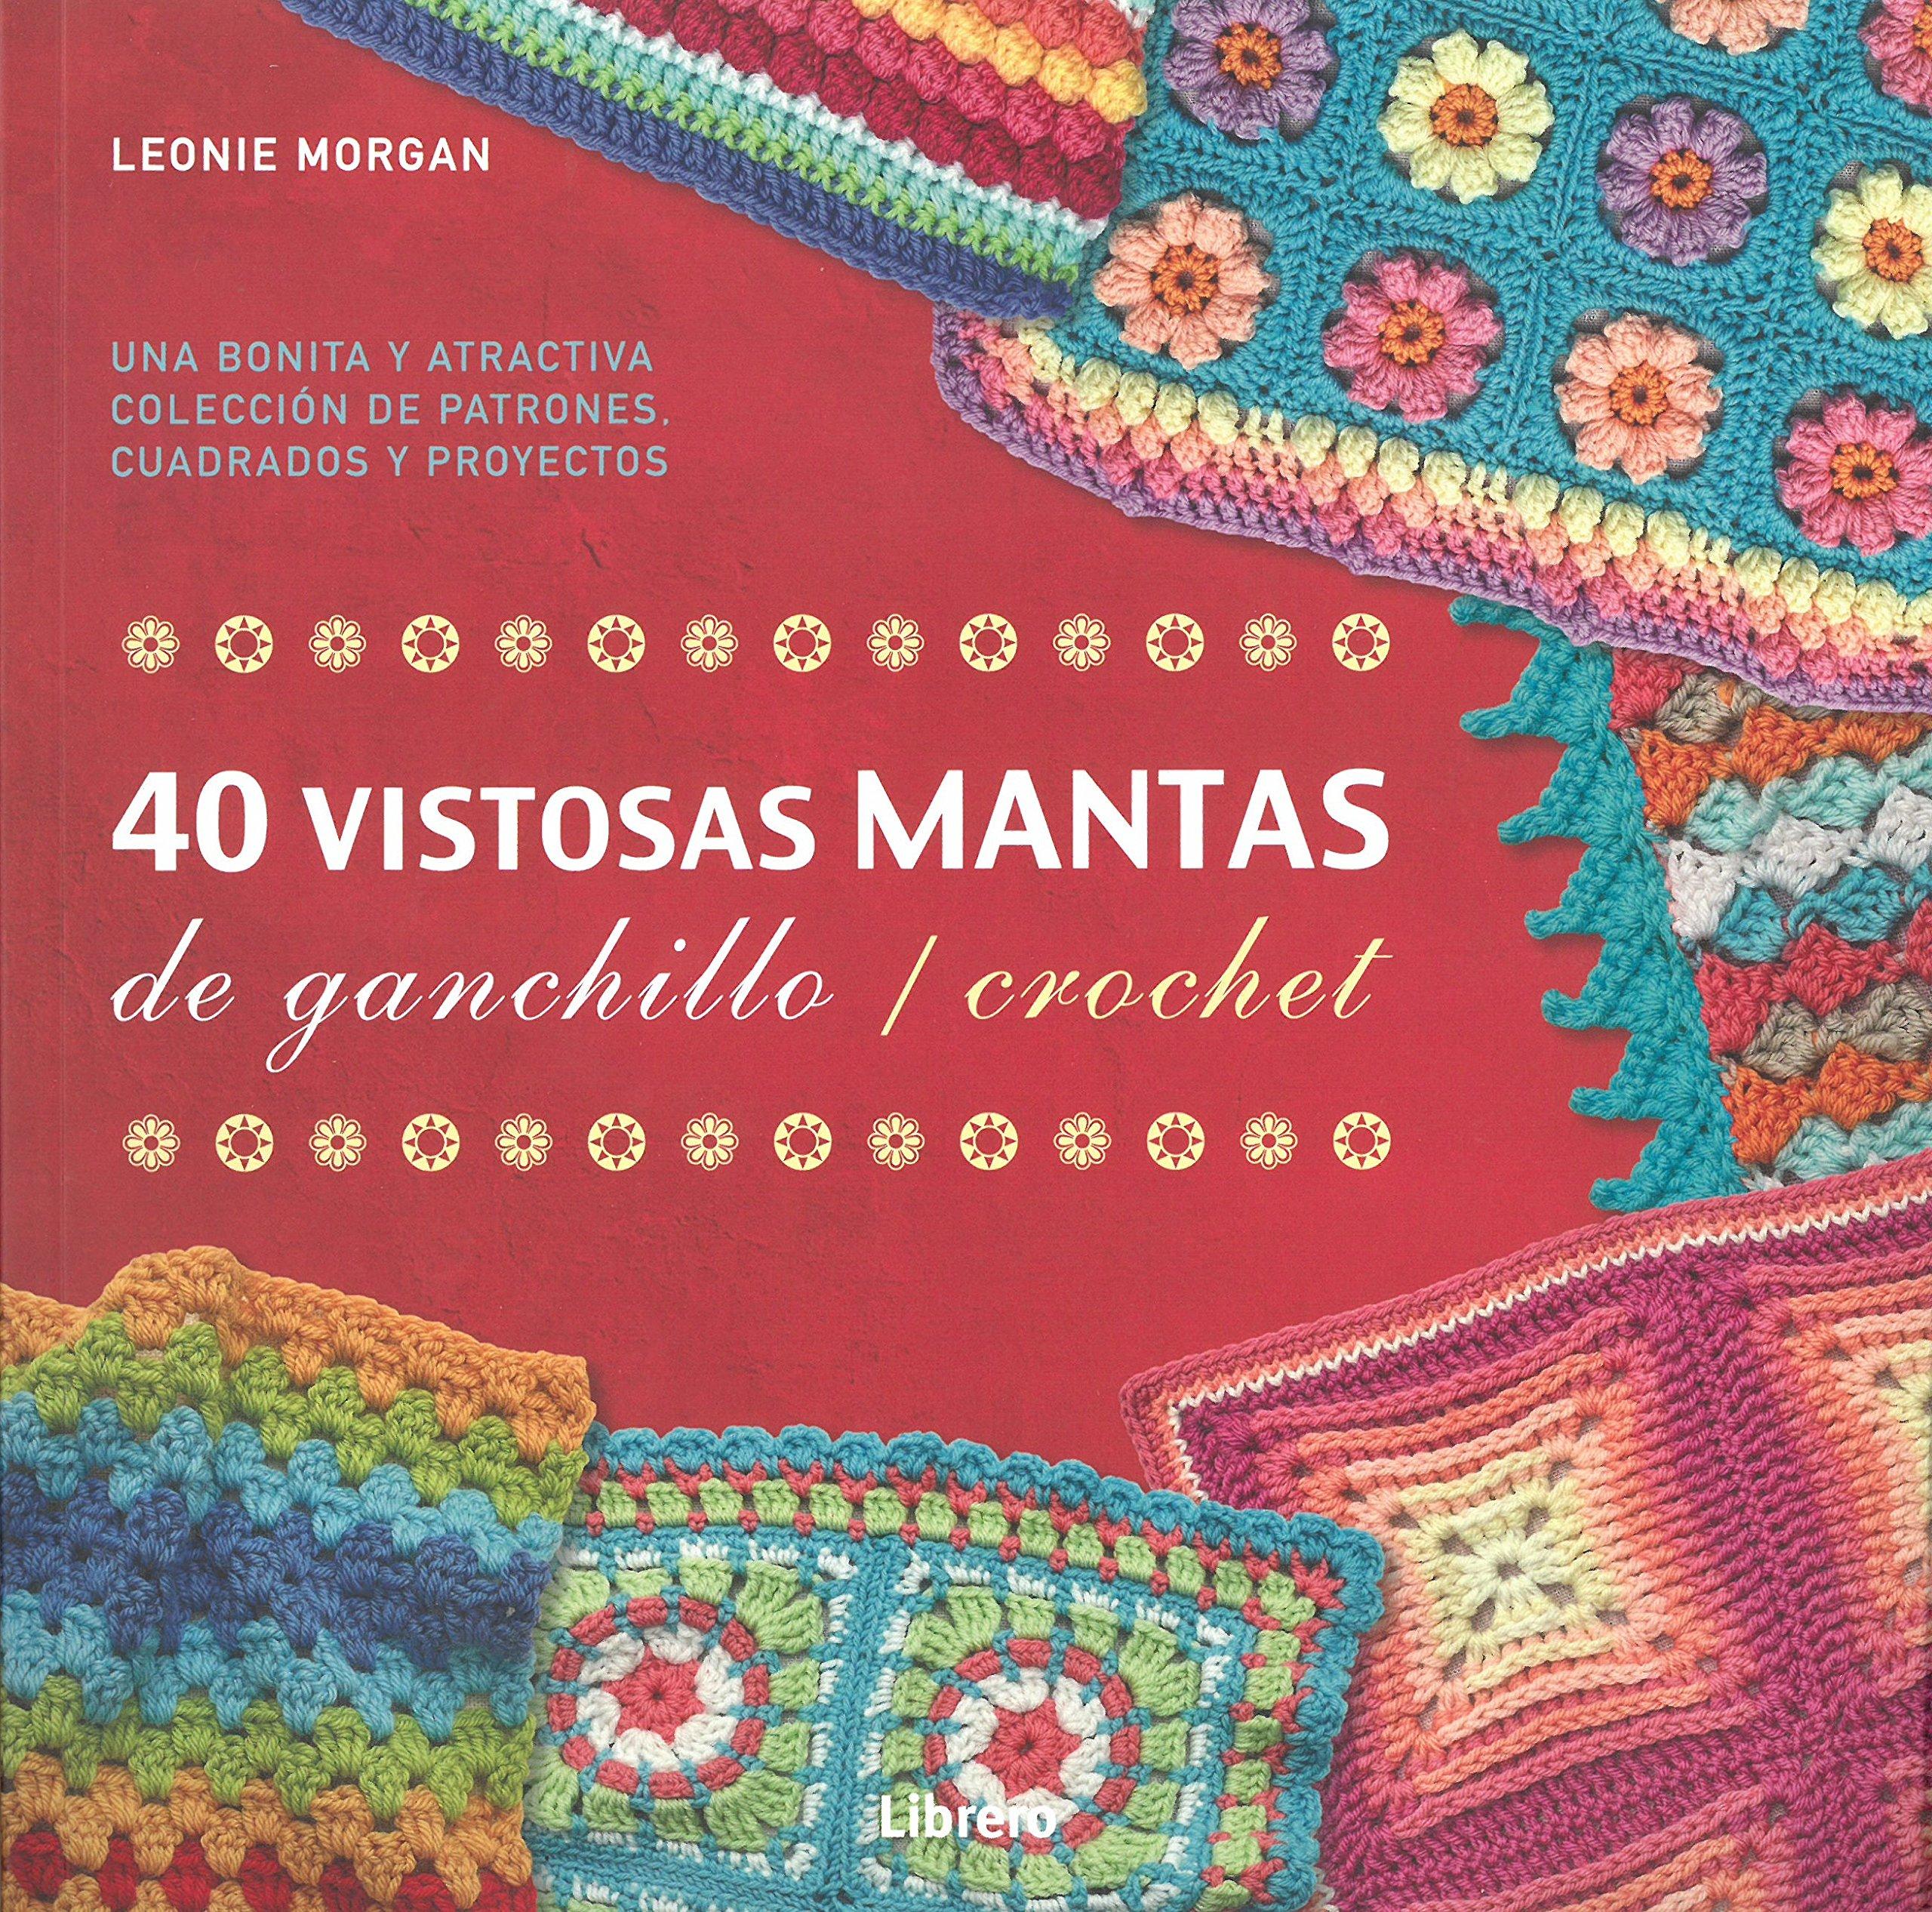 40 VISTOSAS MANTAS PARA GANCHILLO / CROCHET: Amazon.es: Leonie ...